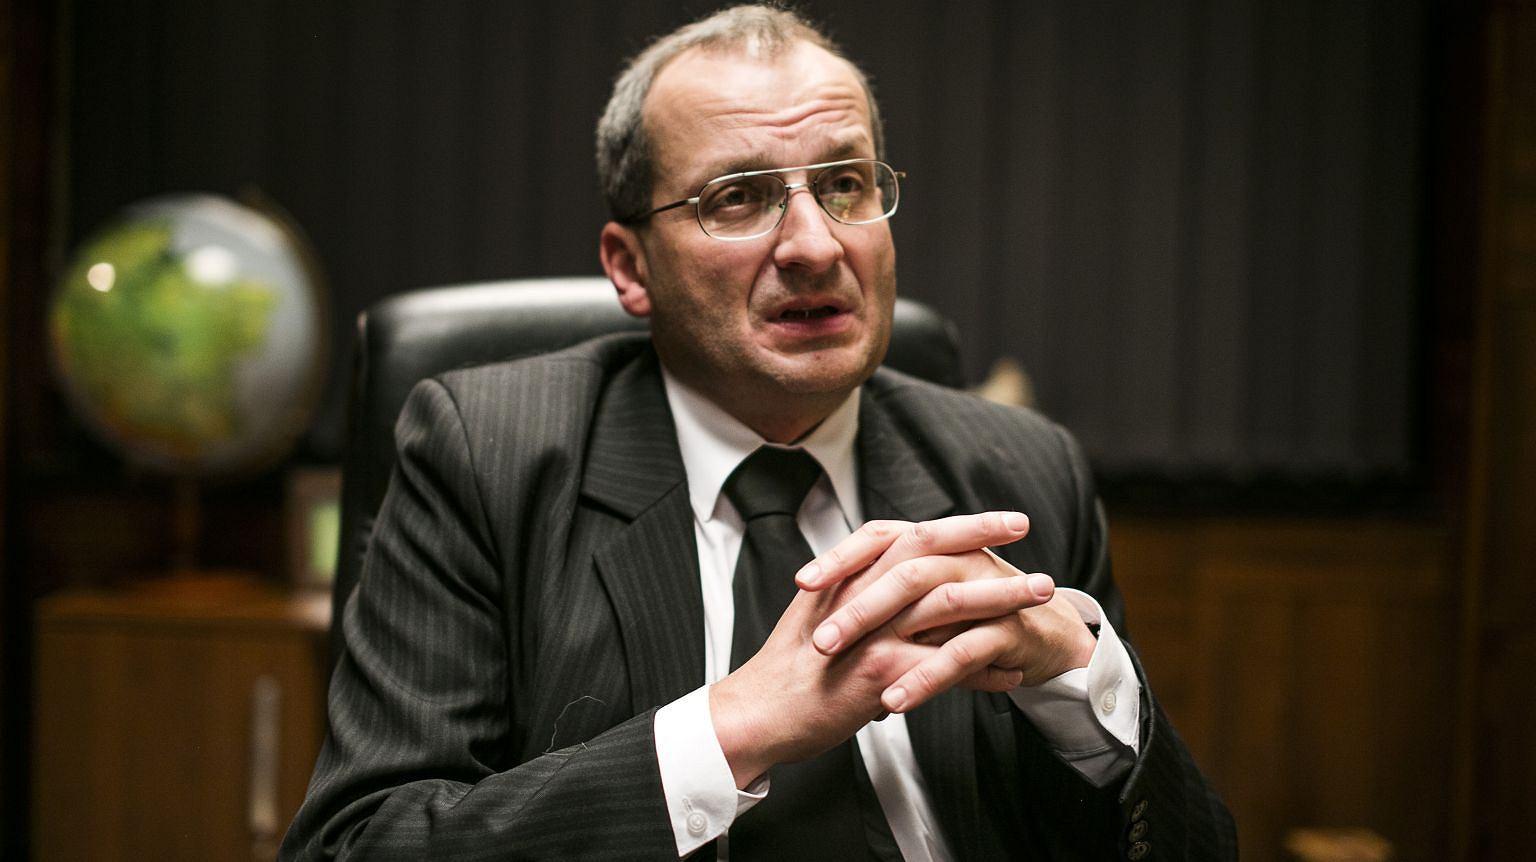 Robert Górski jako prezes w serialu 'Ucho prezesa'